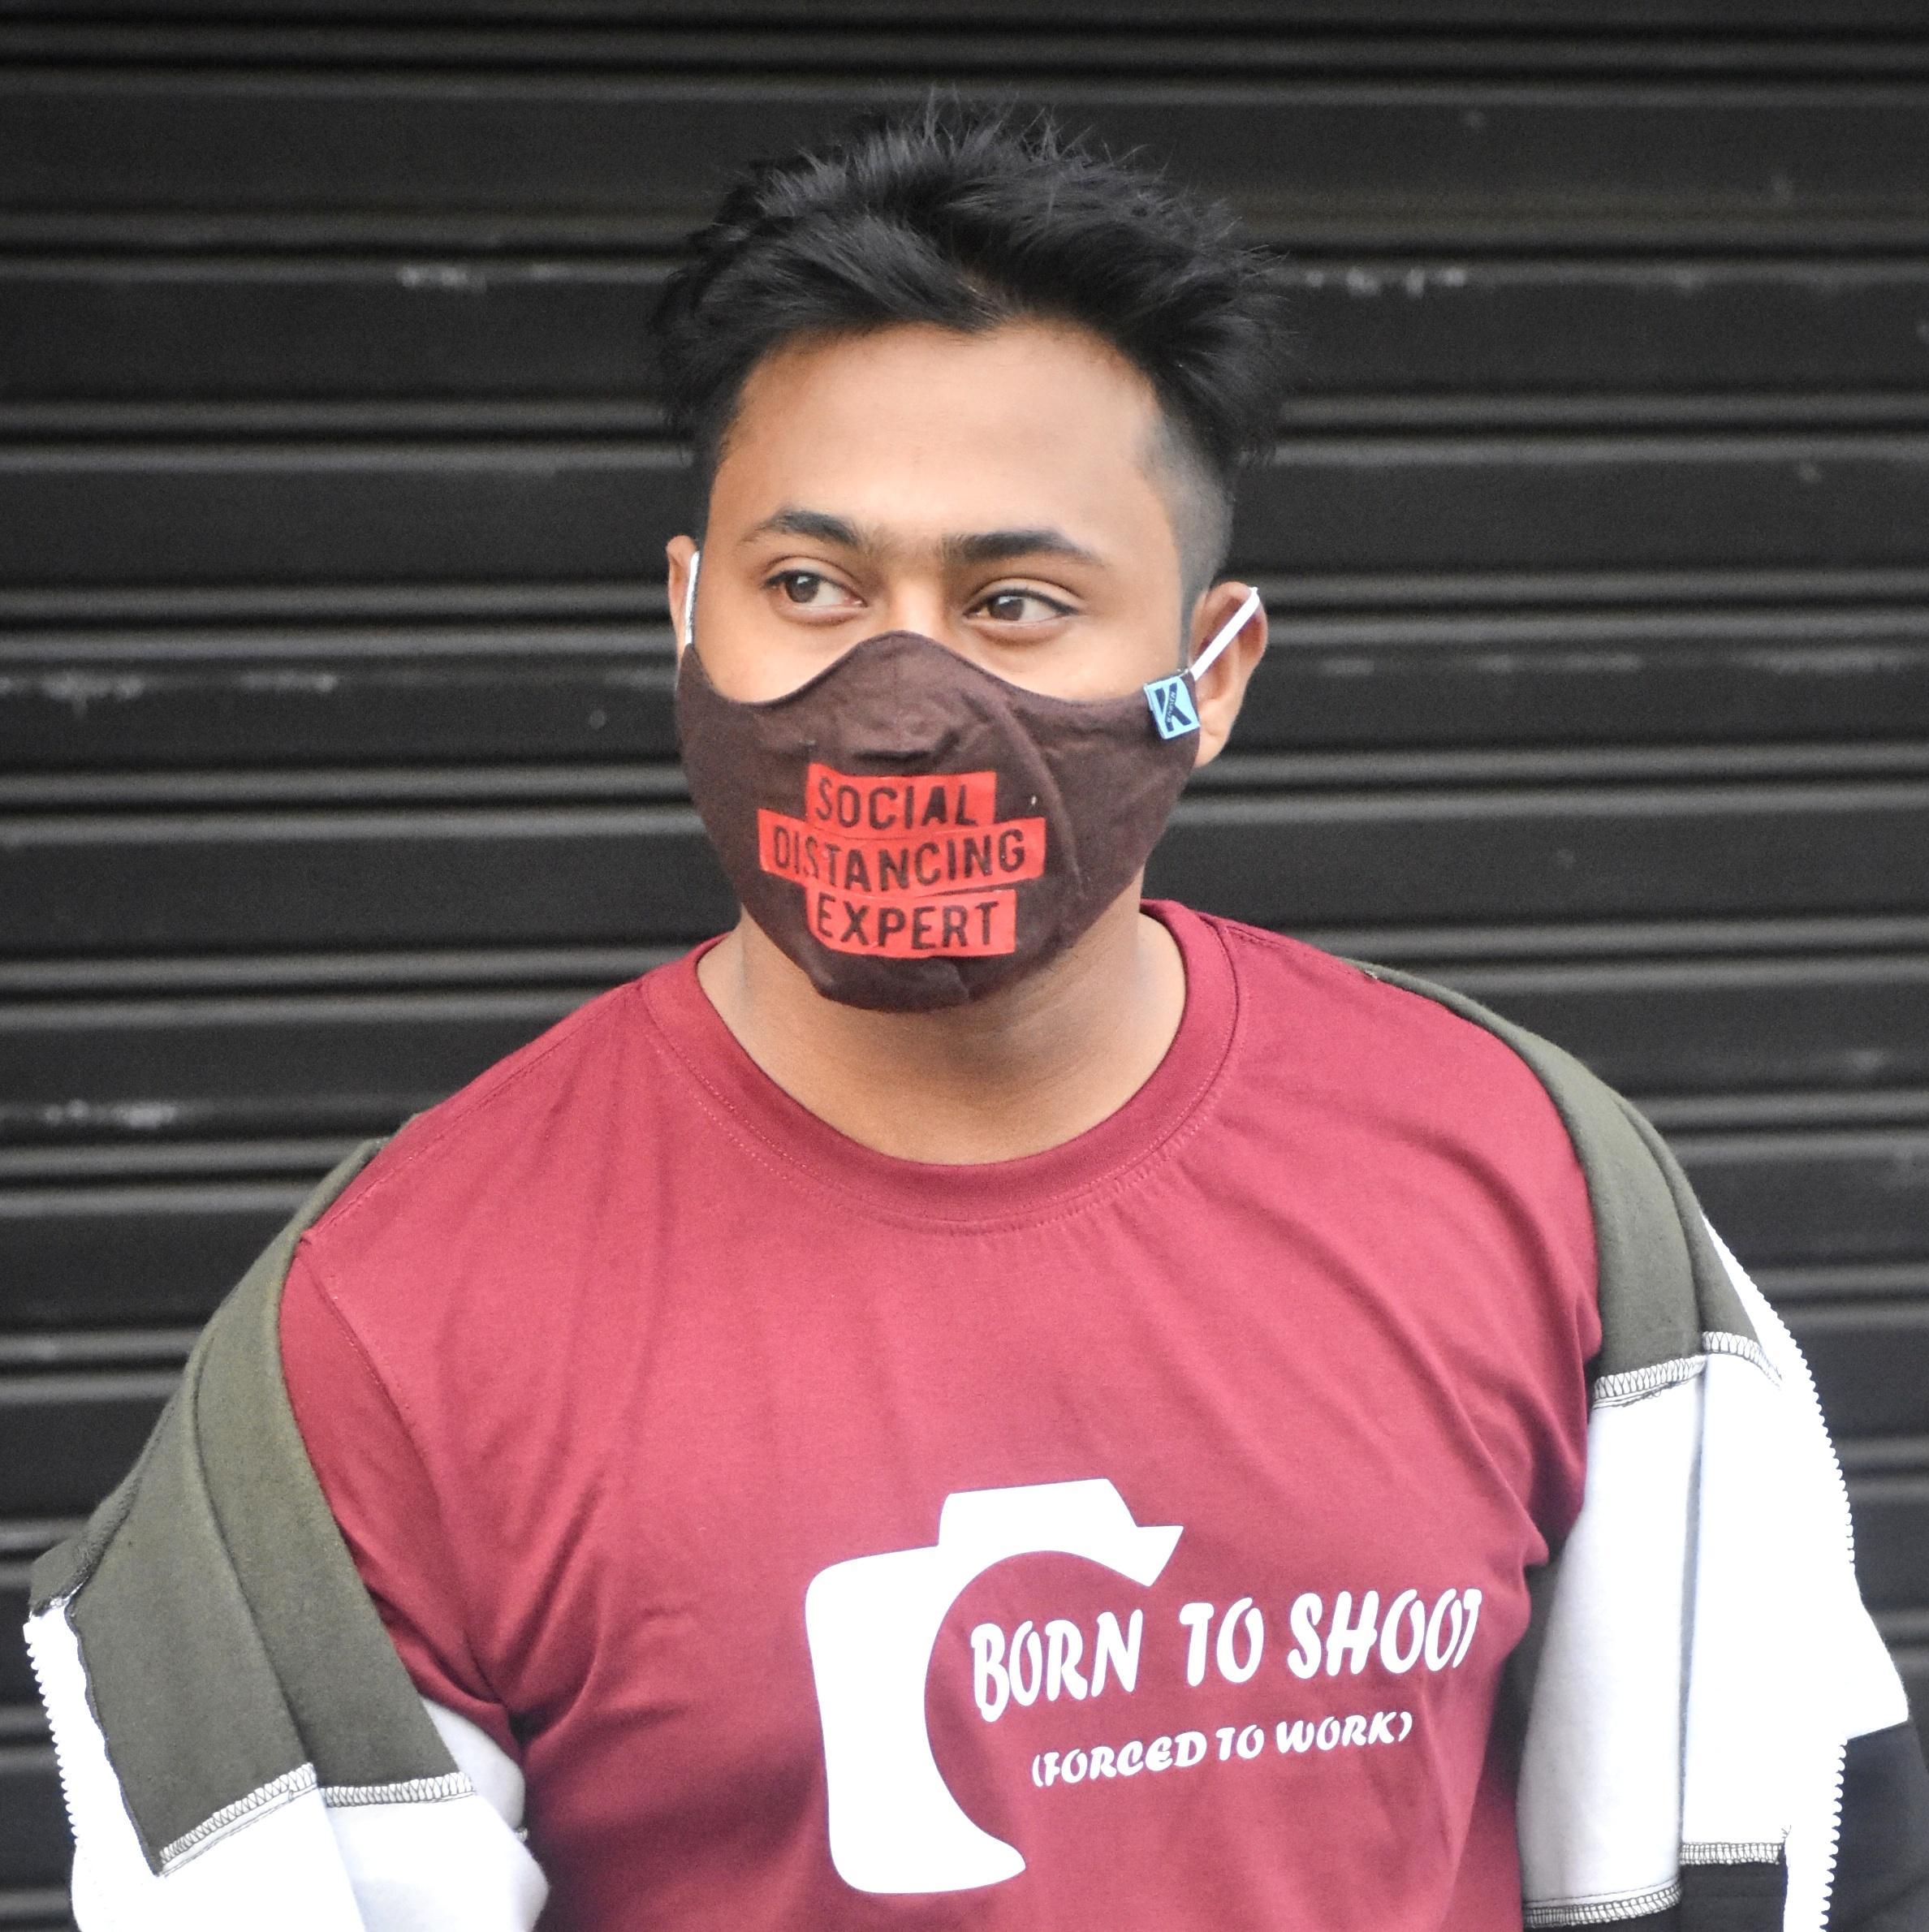 Social Distancing Expert Slogan Mask, Funny Printed Mask at cheap price